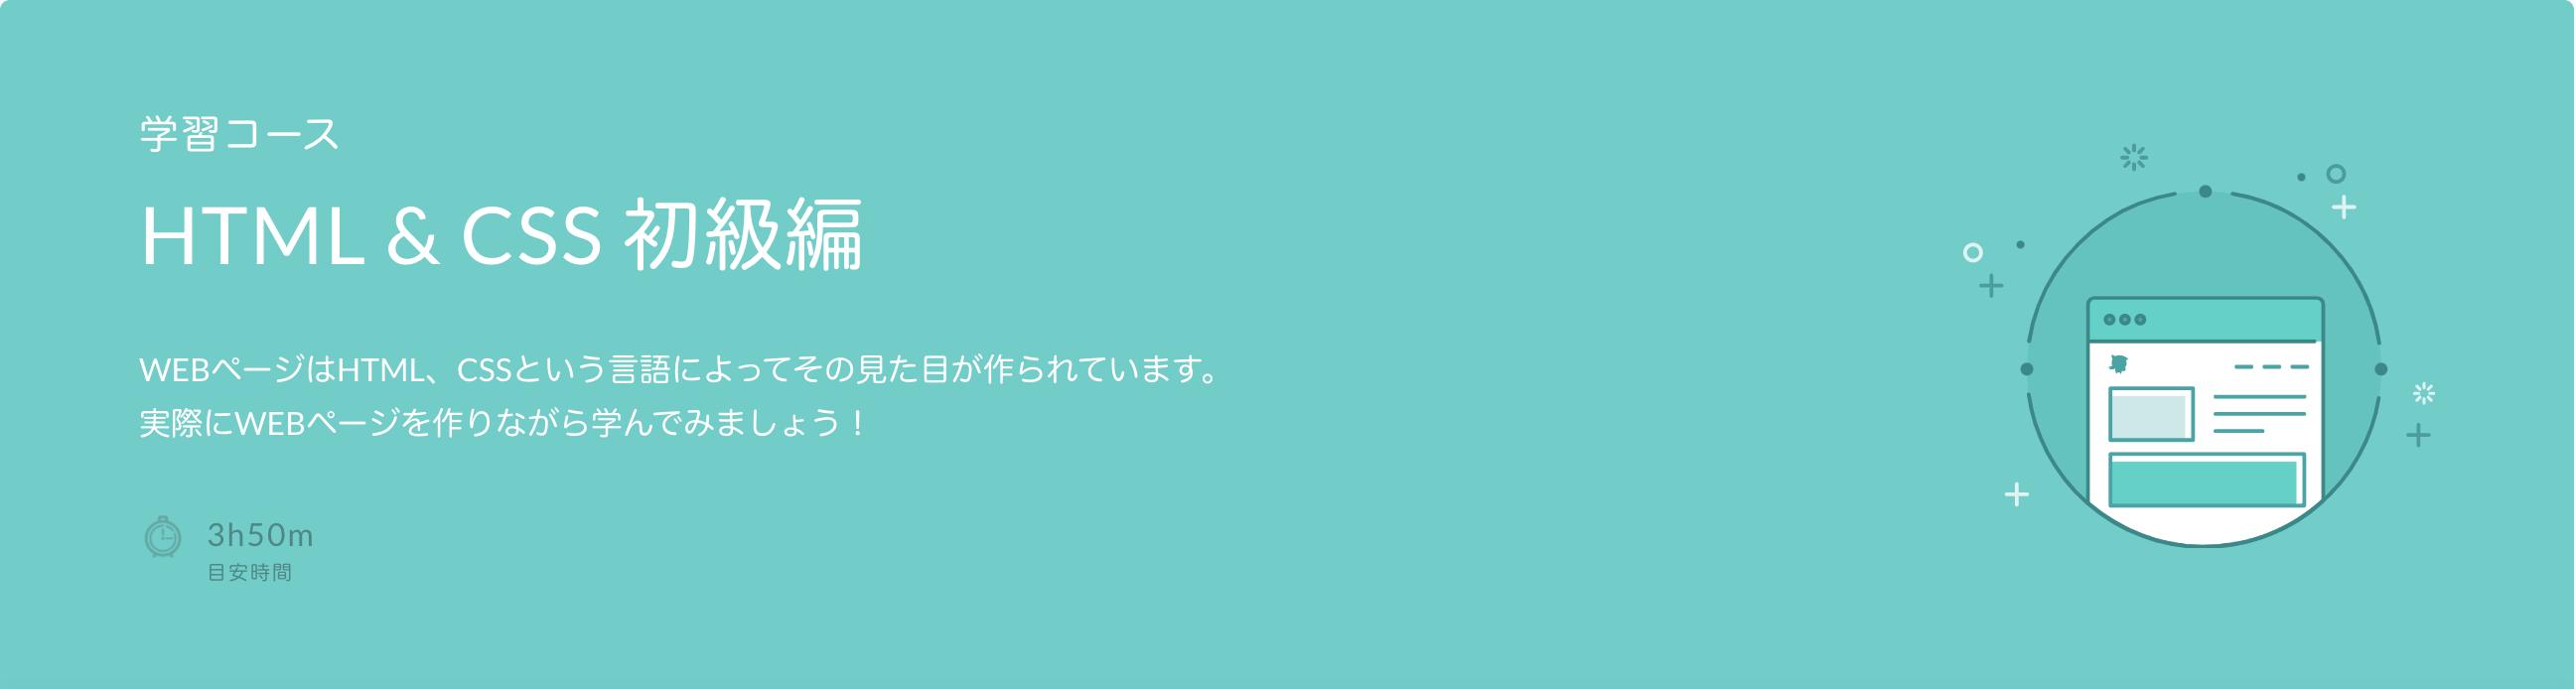 スクリーンショット-2021-07-27-13.51.35